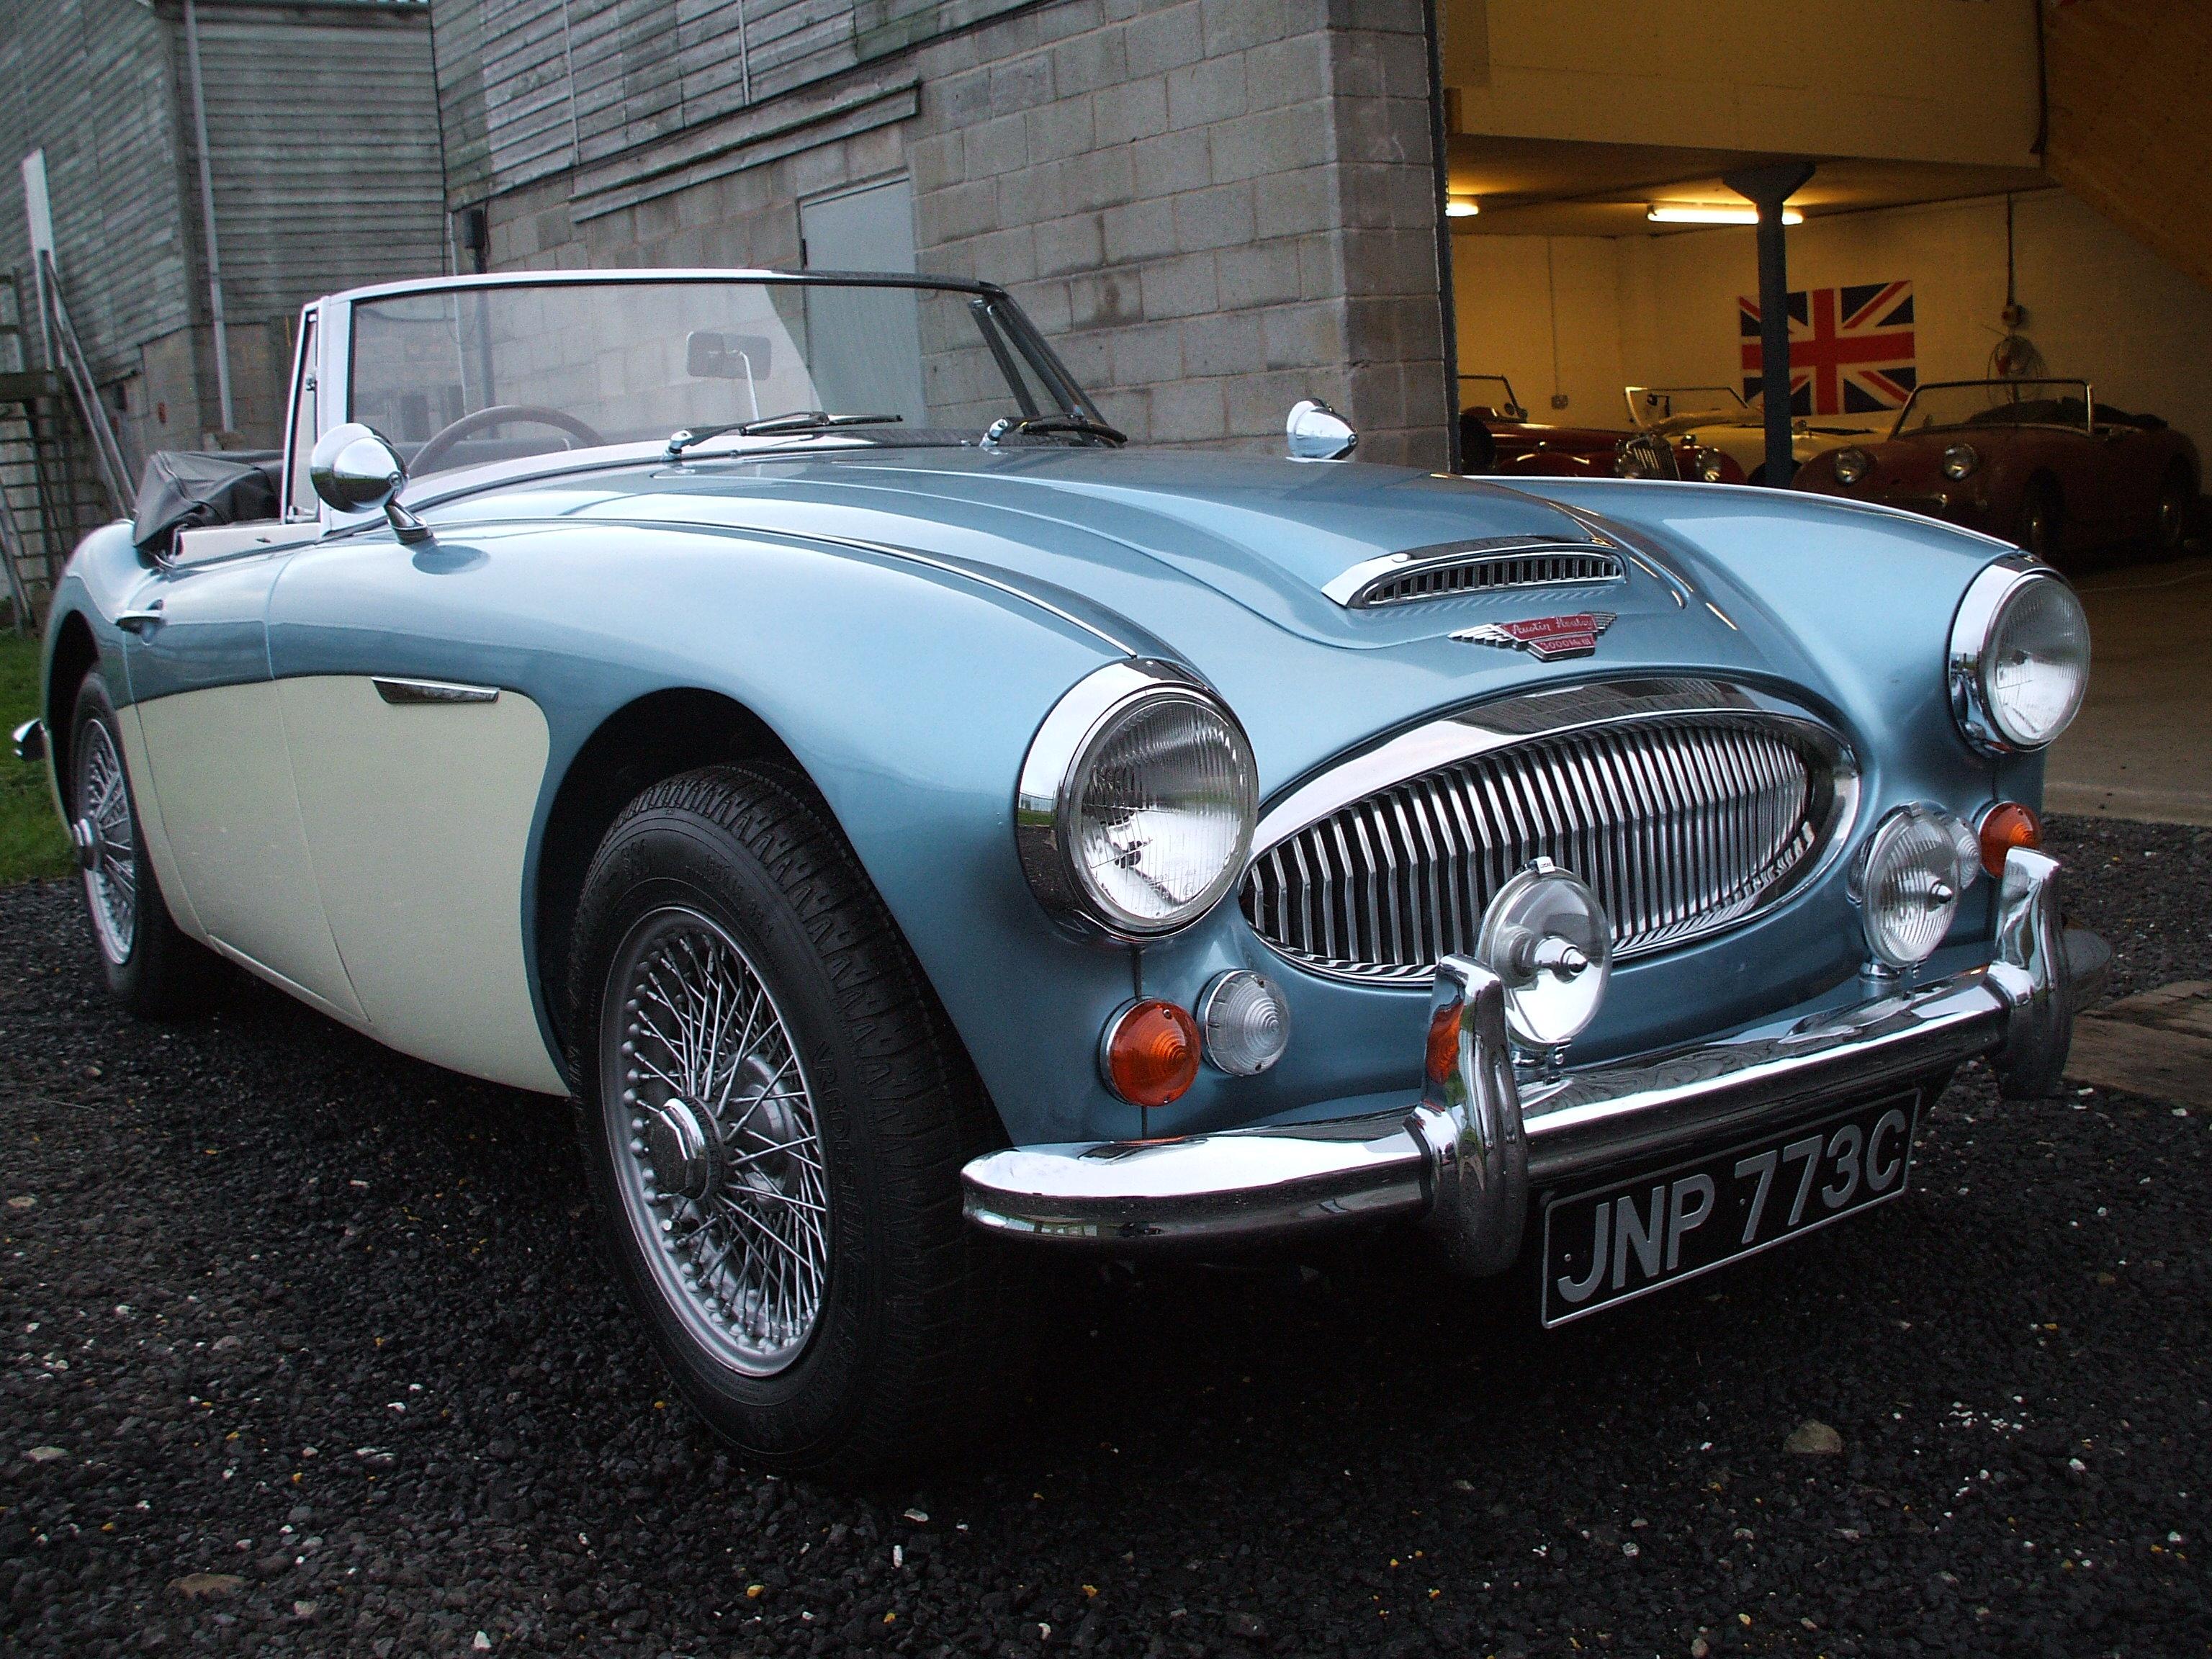 Hintergrundbilder : Fahrzeug, Sportwagen, Oldtimer ... | aston martin healey